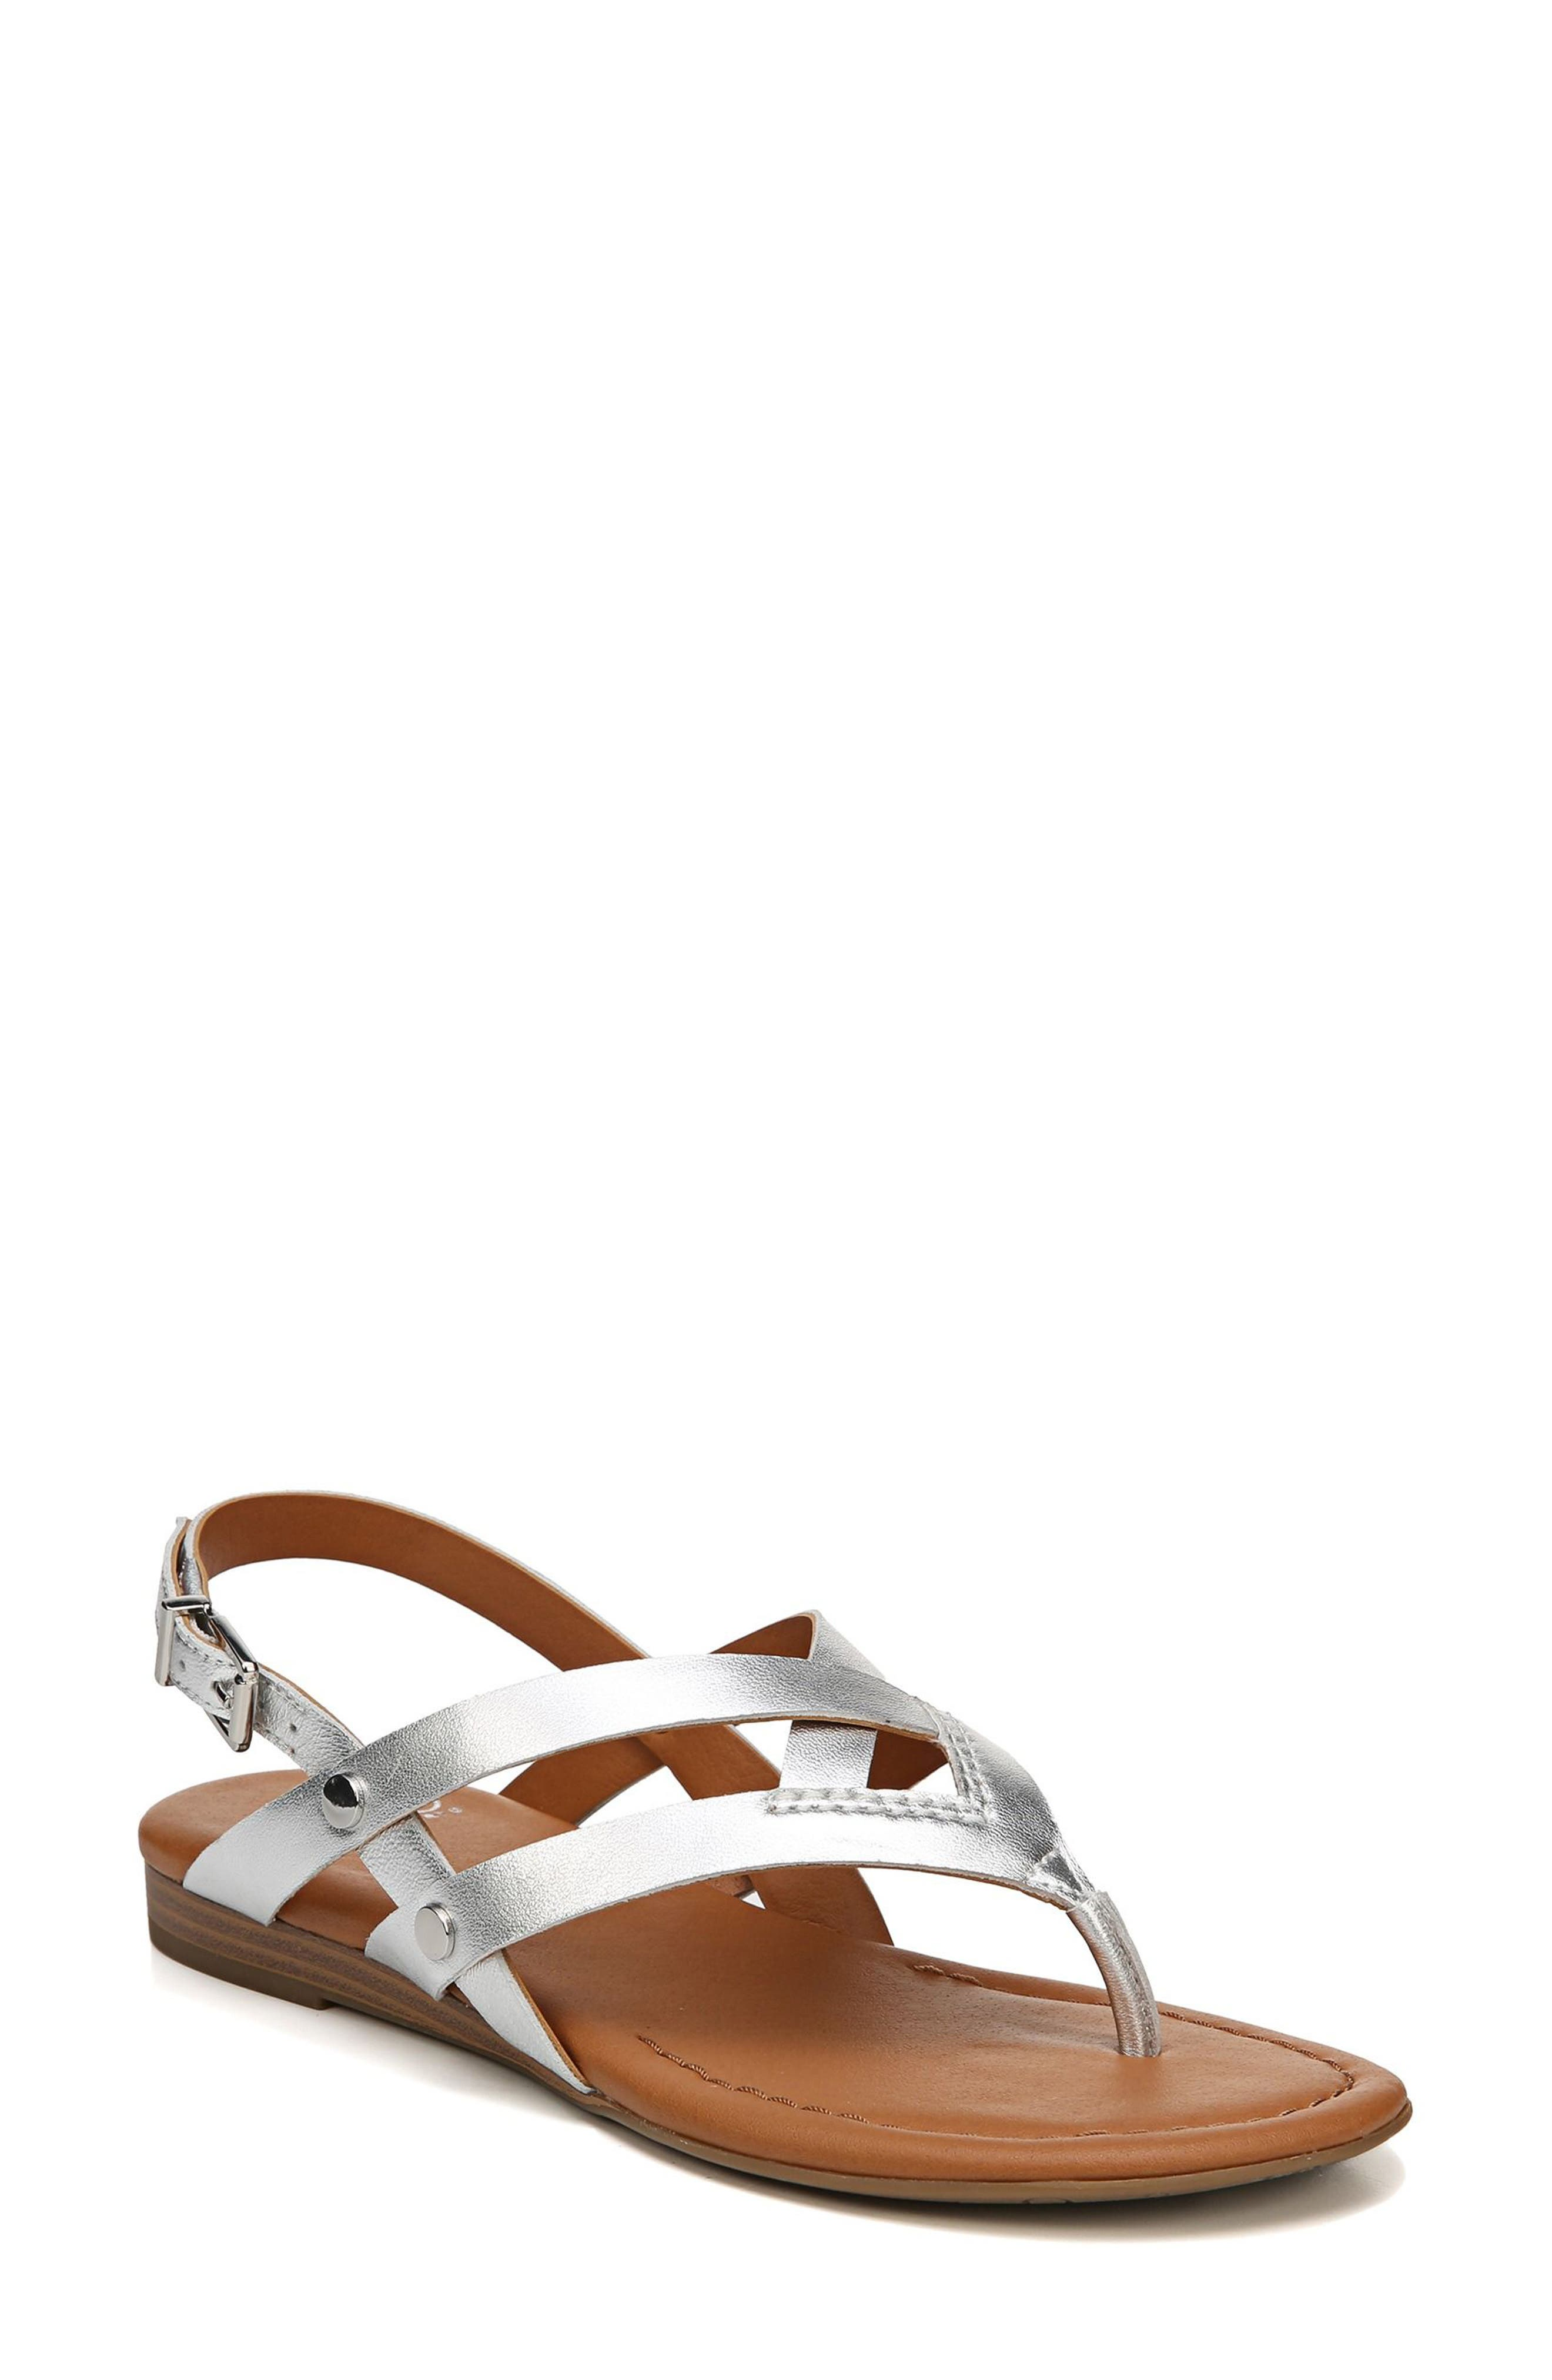 Gretchen Sandal,                         Main,                         color, 041